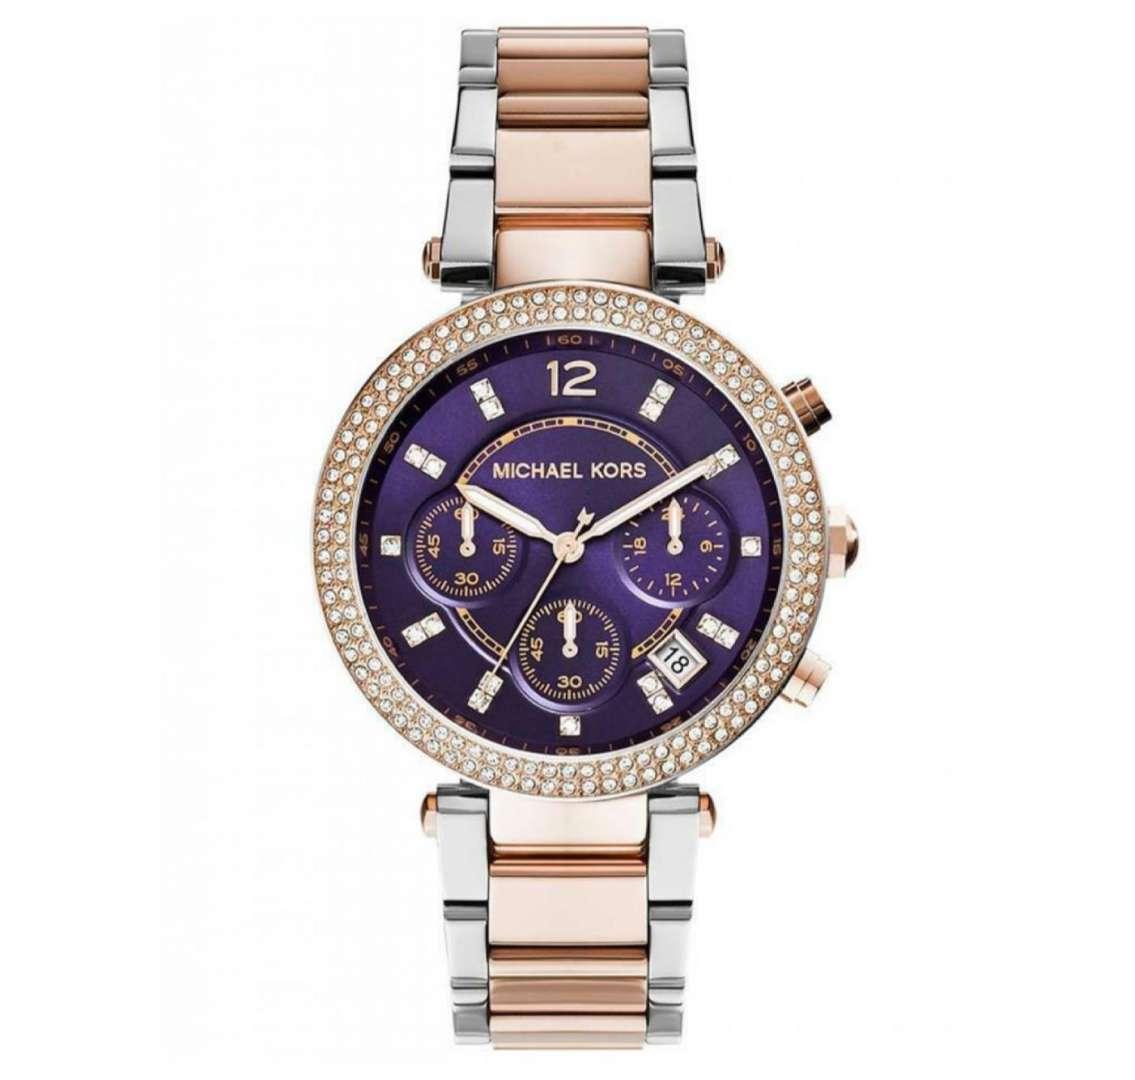 שעון יד אנלוגי לאישה michael kors mk6108 מייקל קורס